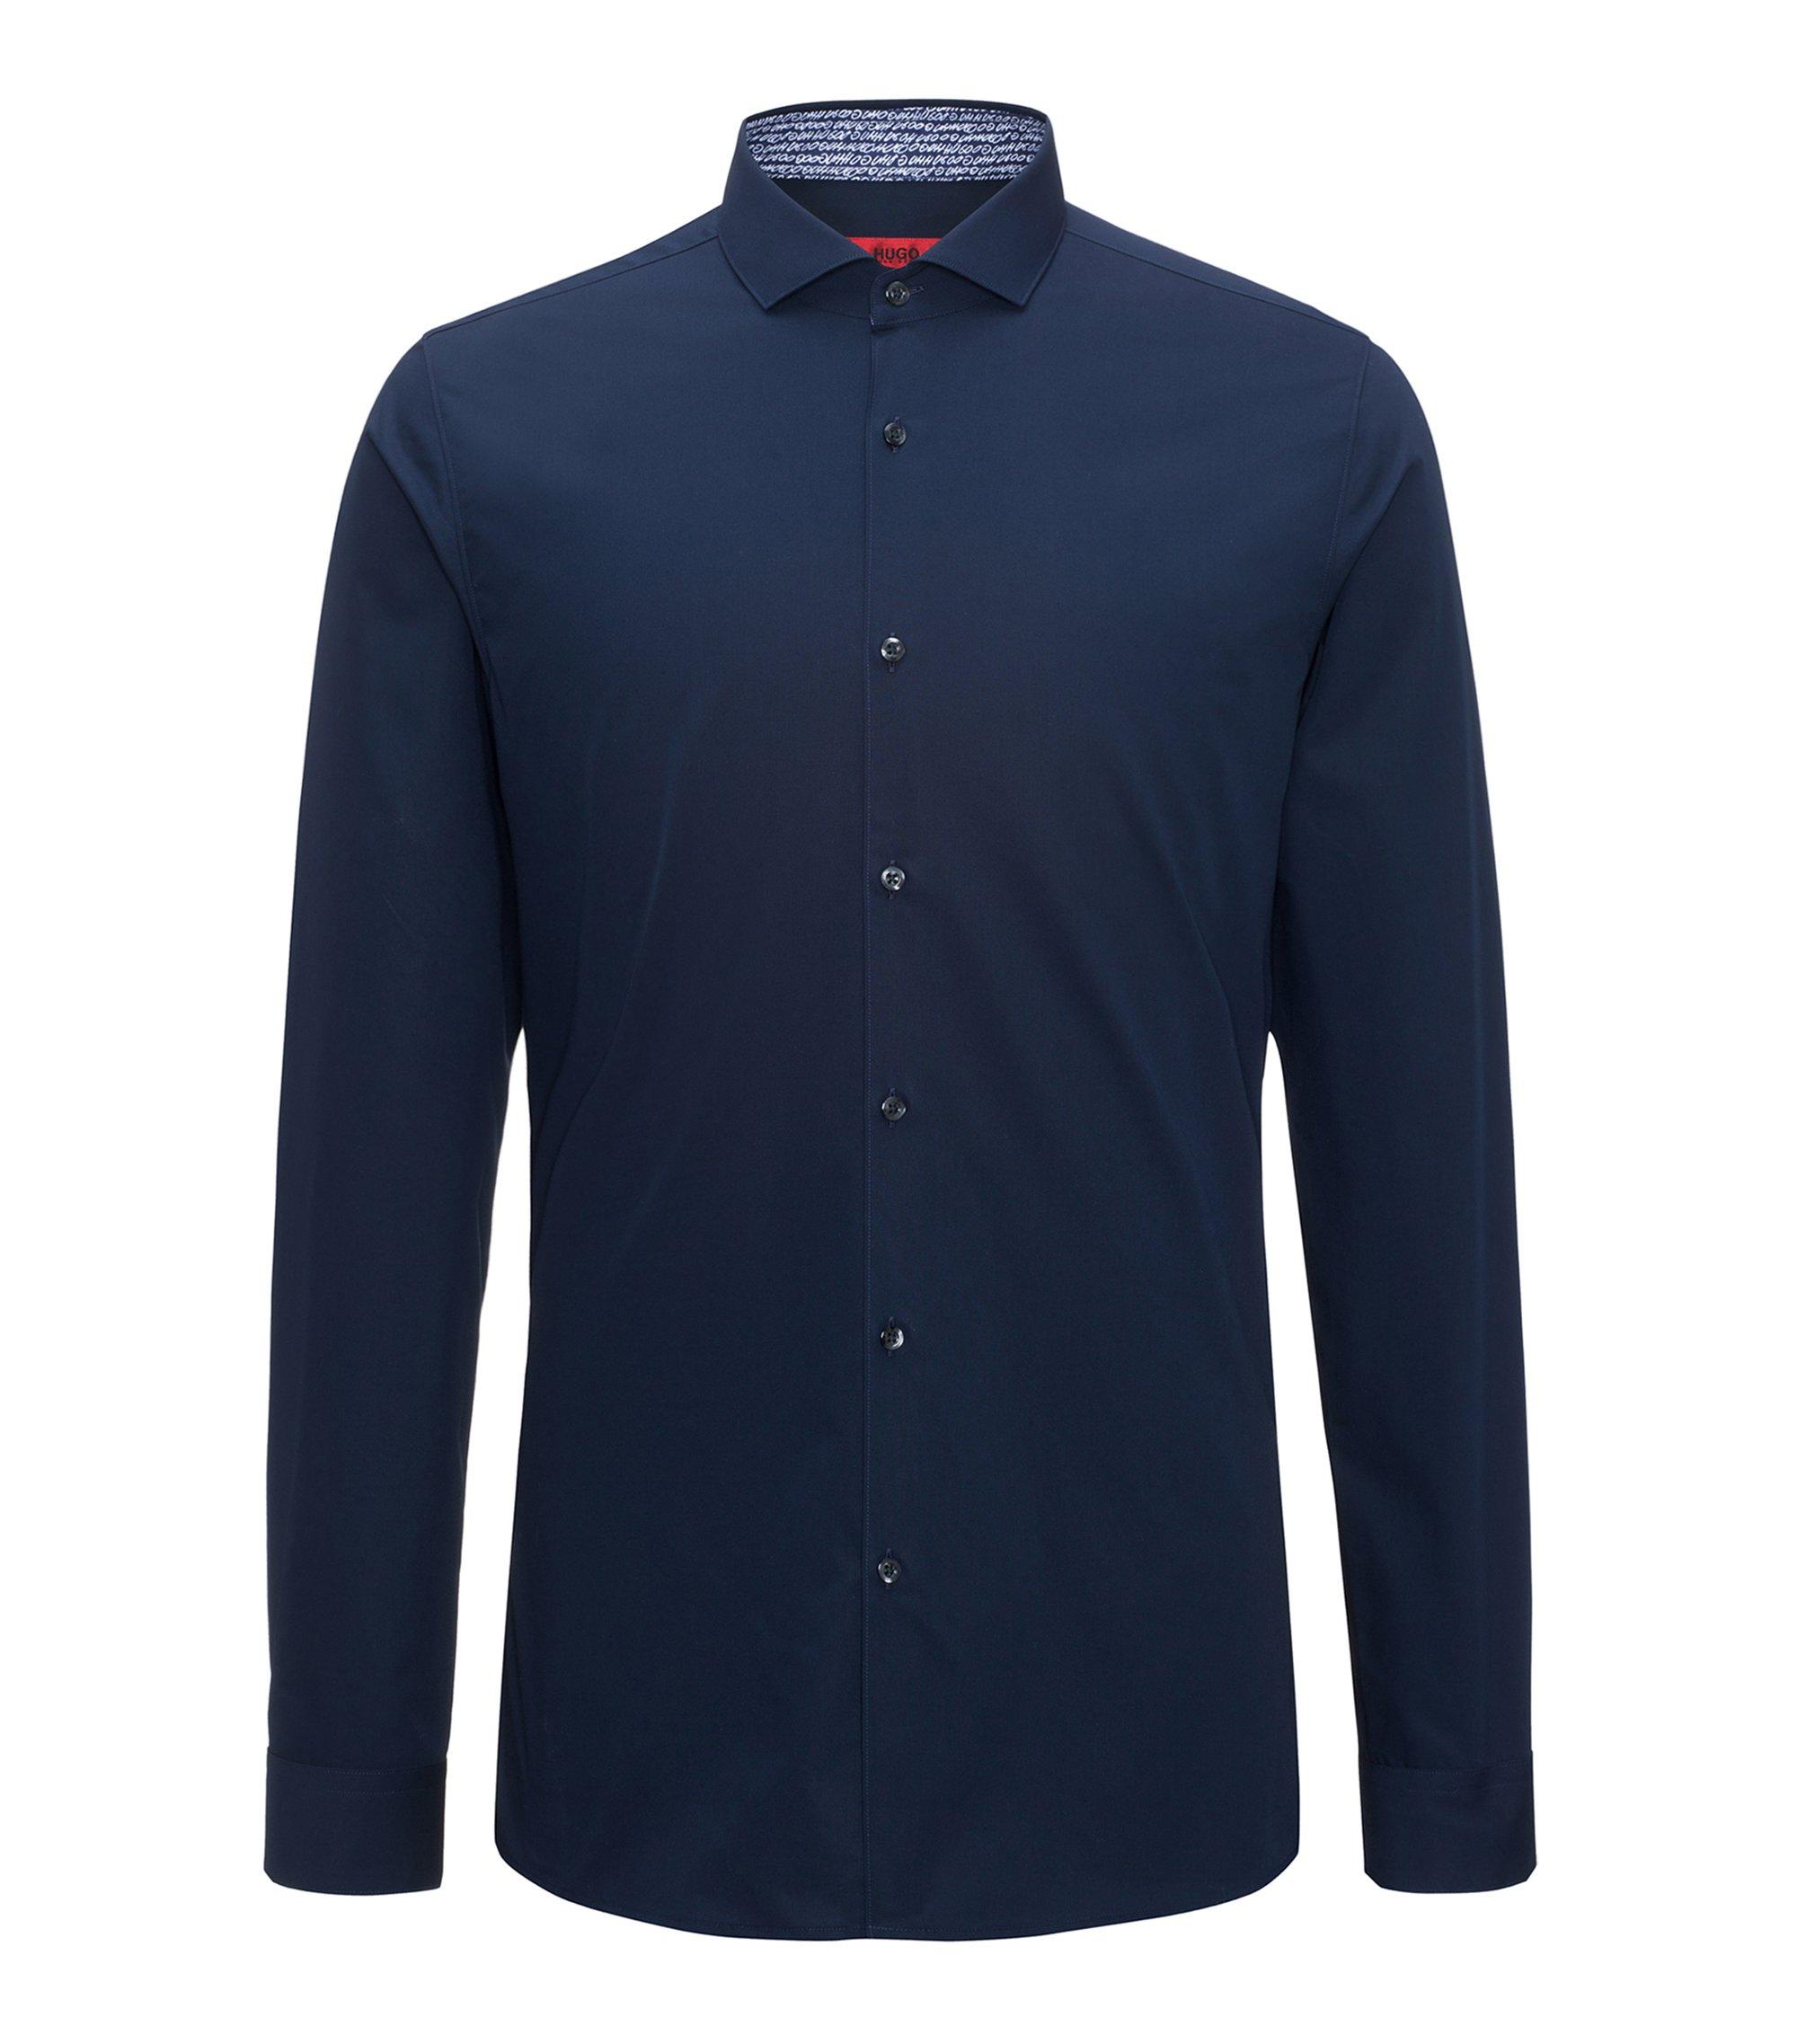 Camisa extra slim fit en algodón con detalles estampados en el interior, Azul oscuro